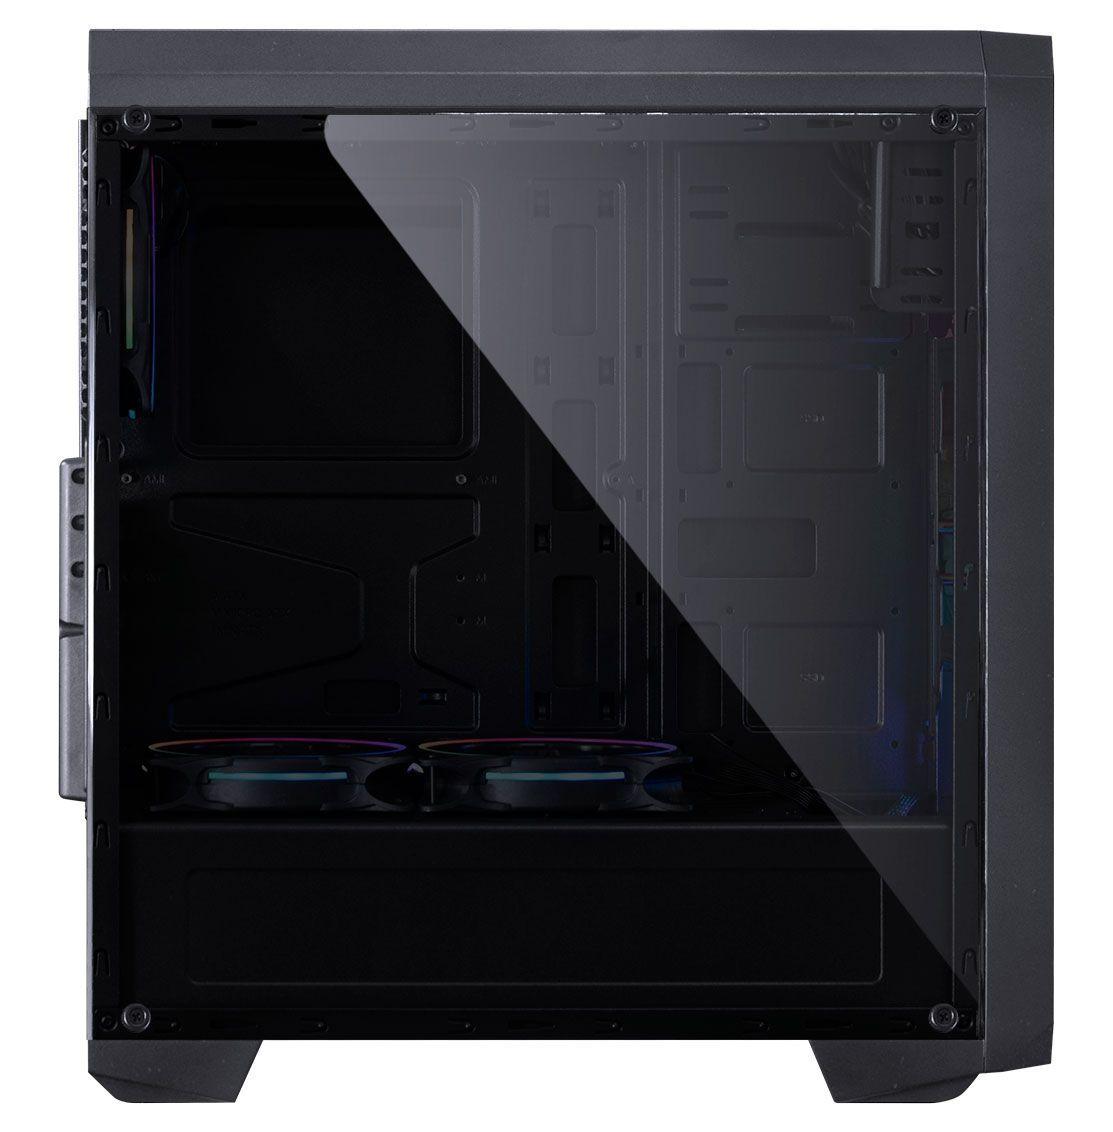 GABINETE MID-TOWER NOVA PLUS PRETO COM 3 FANS LED RGB LATERAL EM ACRÍLICO - NOVPTRGB3FCA